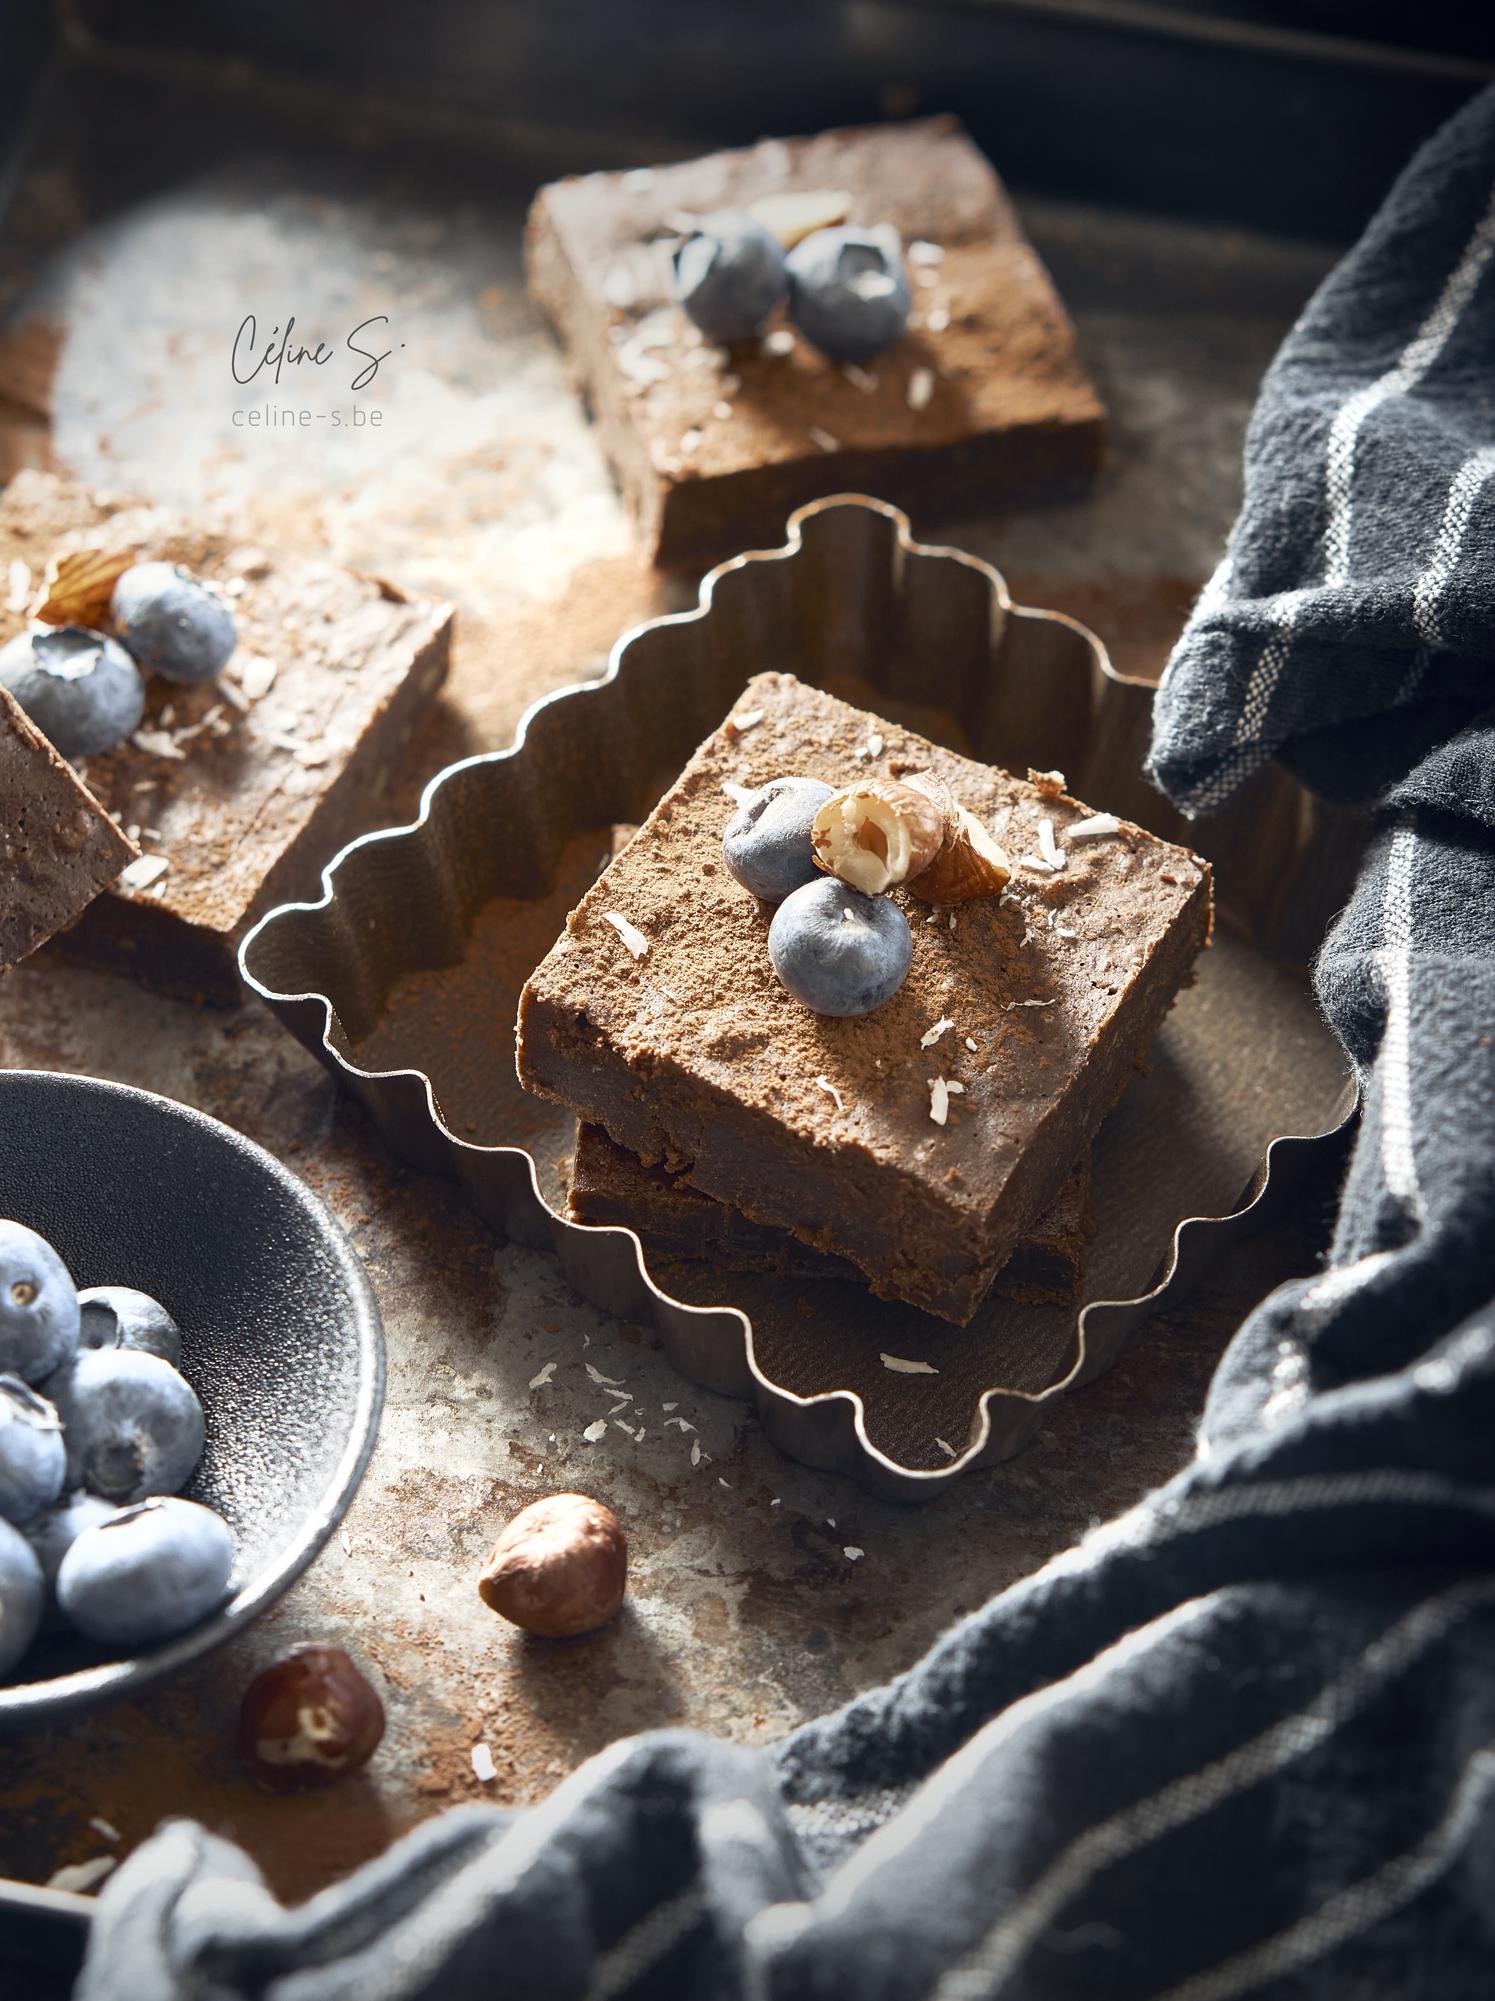 Céline Stiévenard - food photo - photographe et styliste culinaire - photo de gateau brownie au chocolat à la courgette - Liège, Belgique